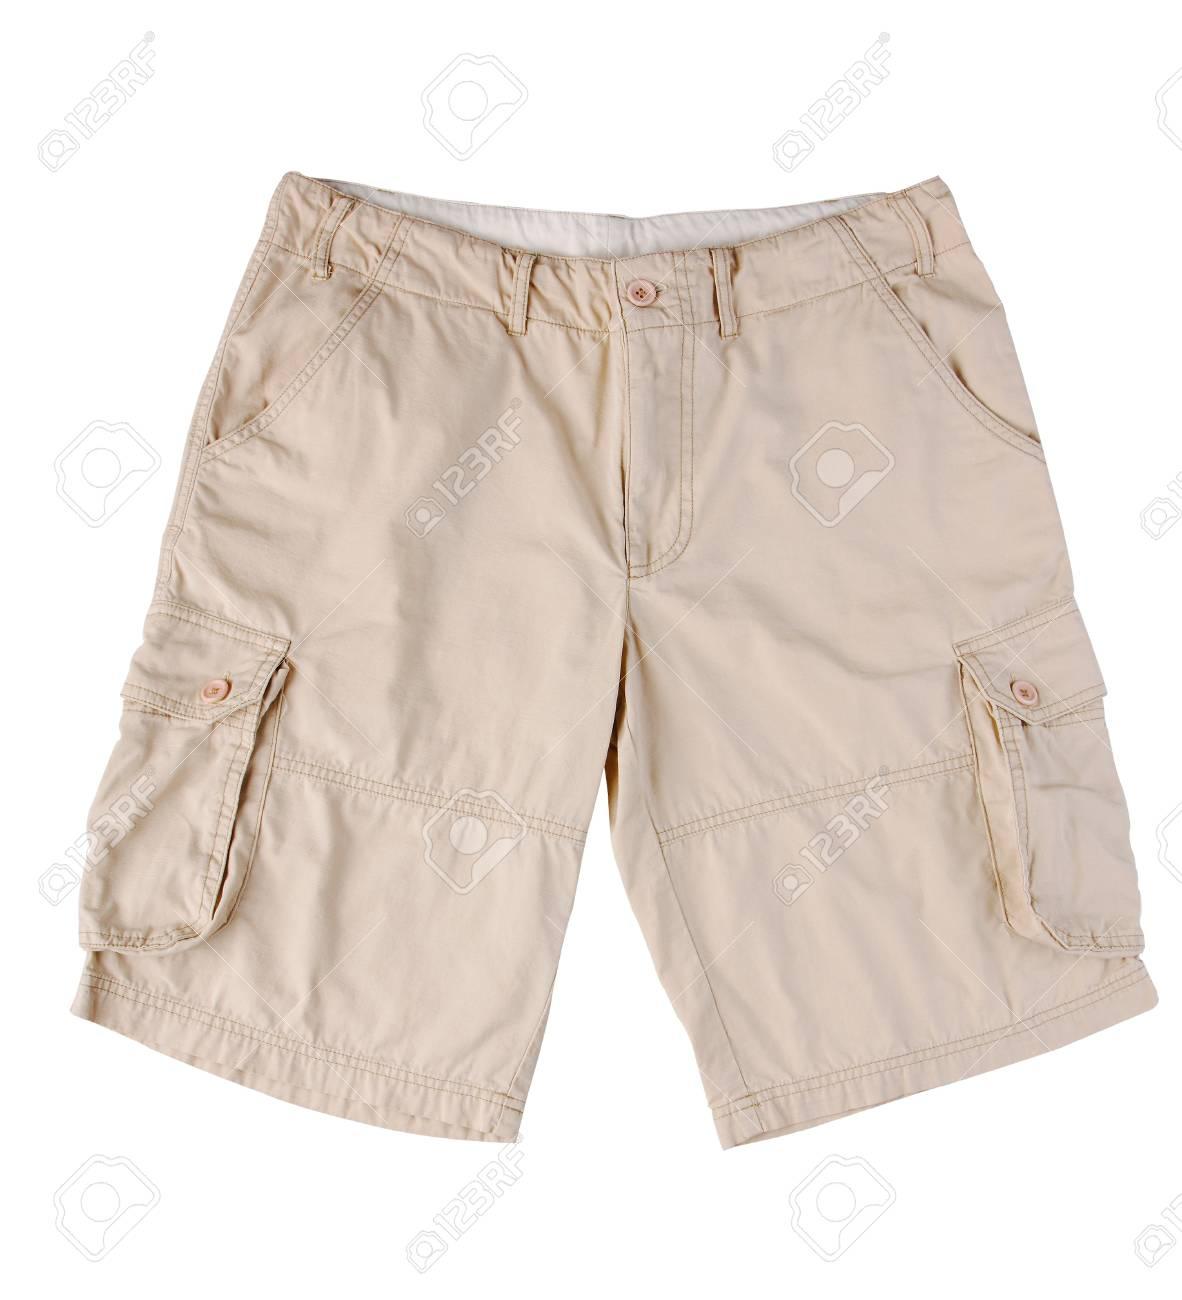 98a3ab5aa5 Cómodo pantalón corto para su día de aventura Foto de archivo - 16806732